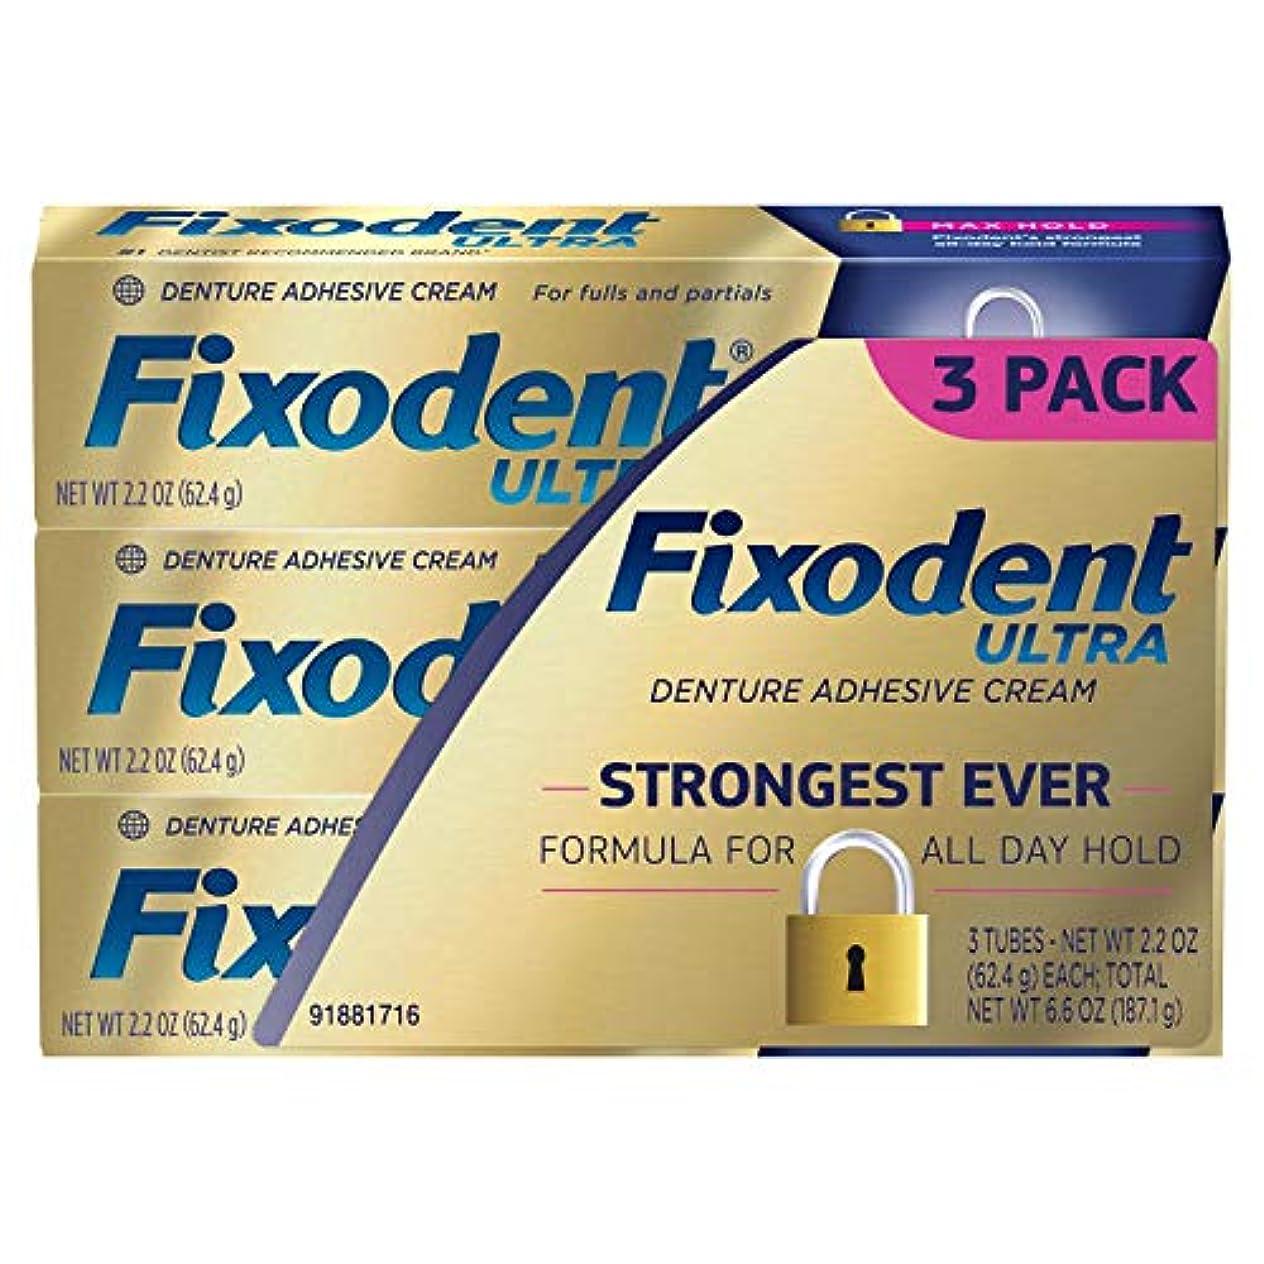 悔い改めひも車Fixodent ウルトラマックスホールド歯科用接着、2.2オンス - 3パック